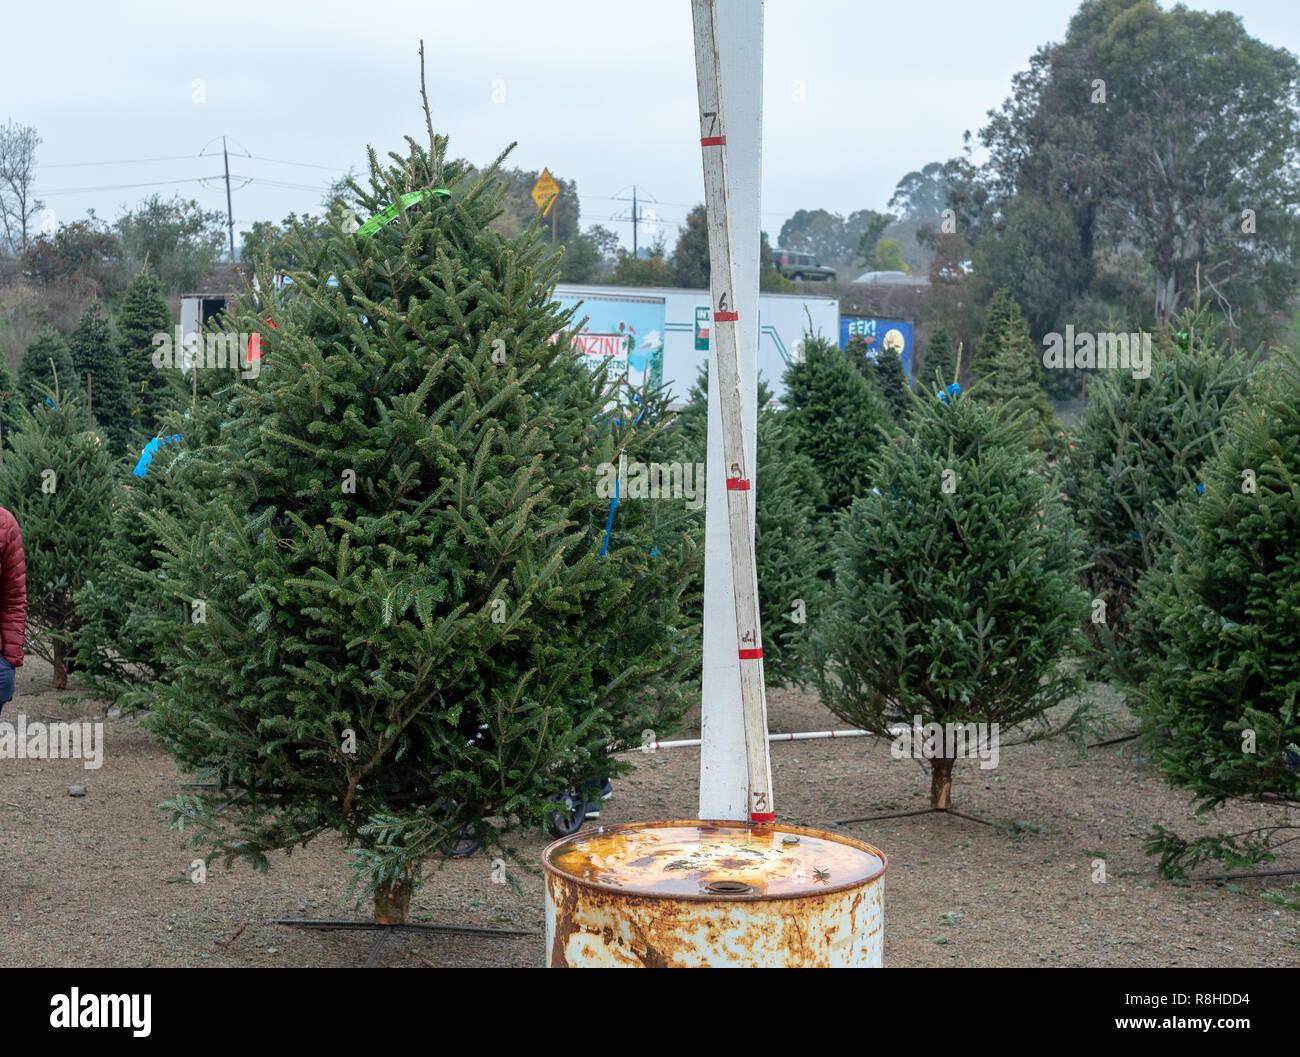 Weihnachtsbaum Markt mit mehreren auf Anzeige zusammen mit Messstab 7 Fuß Stockbild